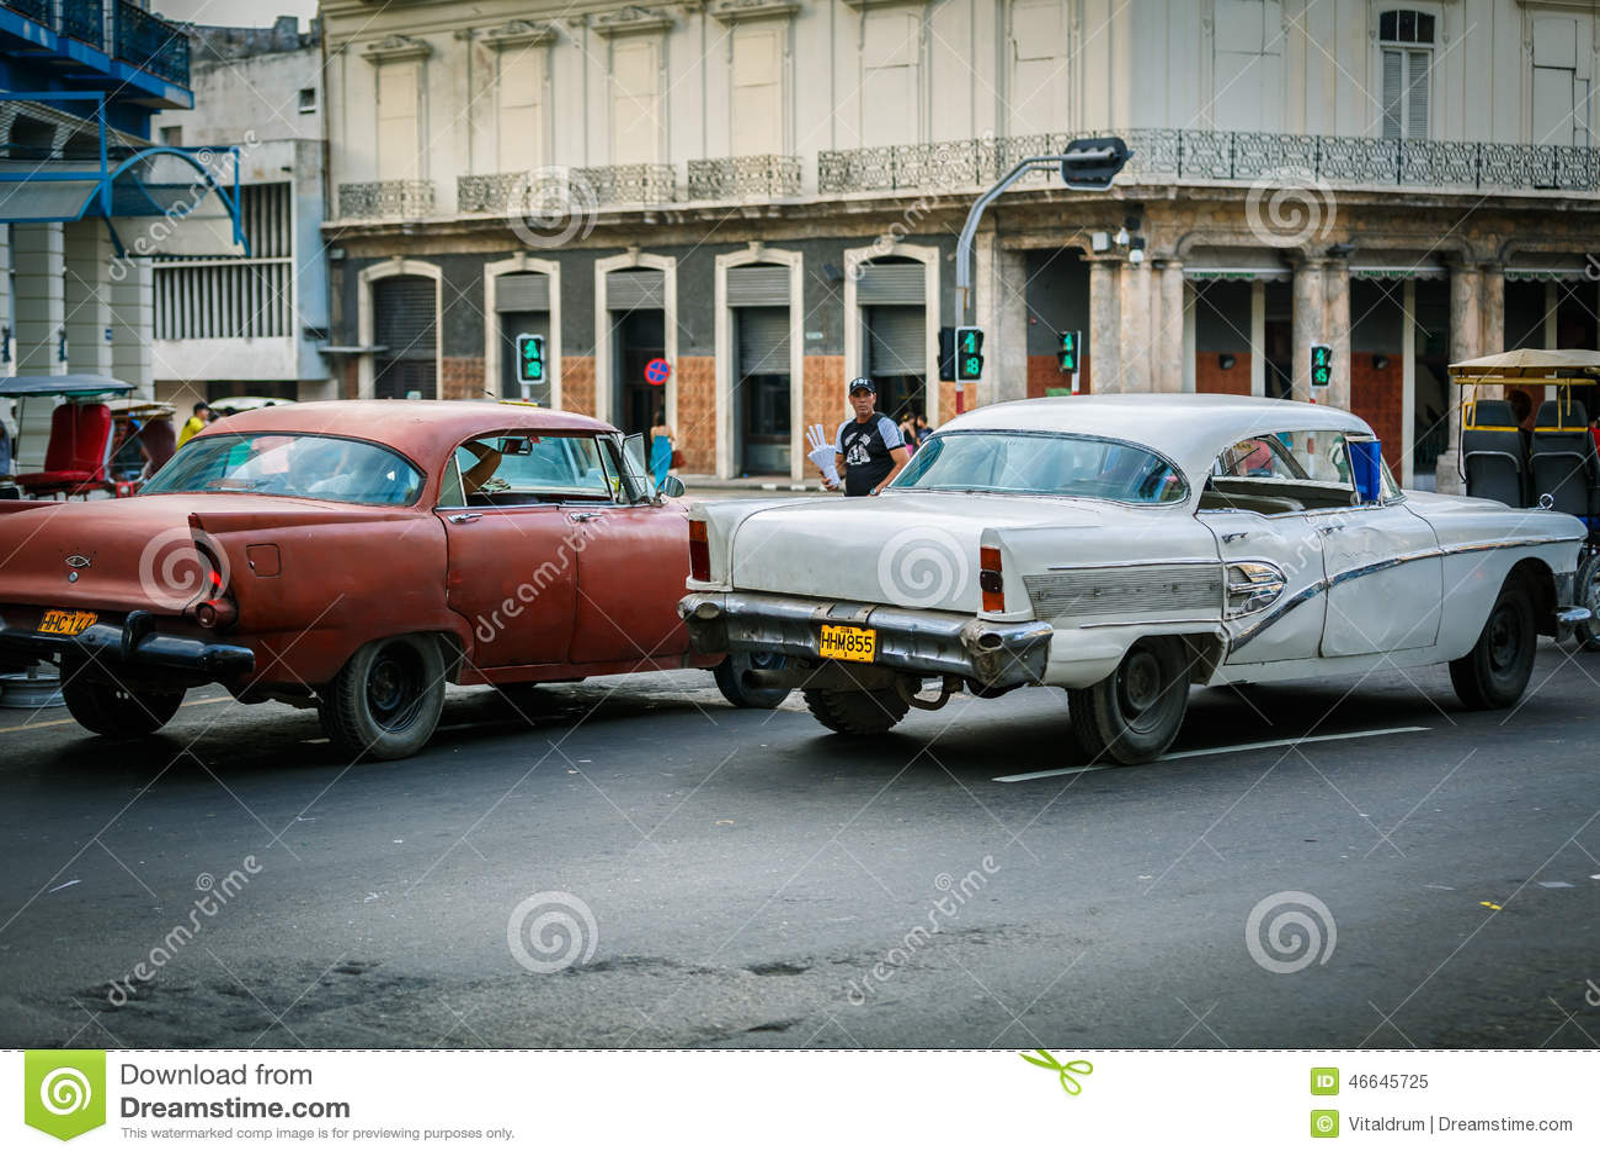 Urban Authentic Popular Street Loi Bazaar Editorial Image